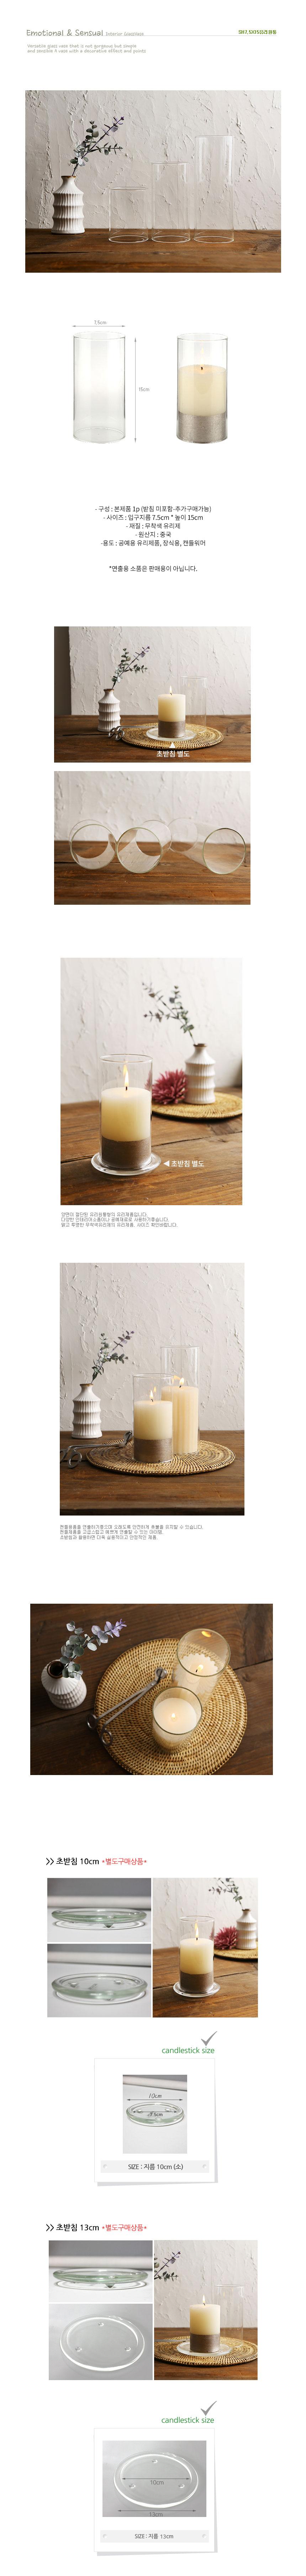 호야 유리원통실린더 캔들워머(7.5x15) - 글라스코, 4,400원, 캔들, 캔들홀더/소품